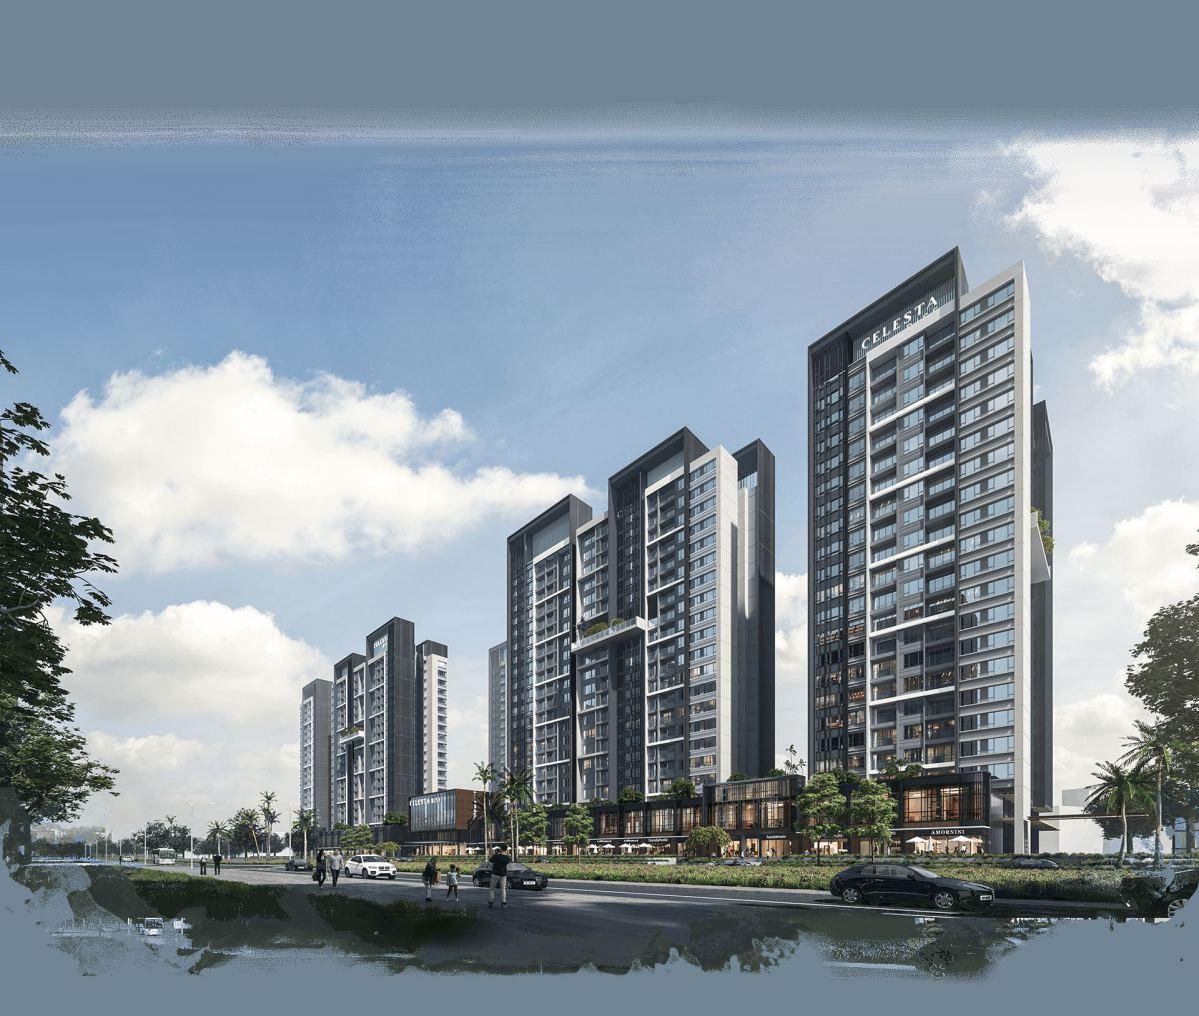 Phối cảnh dự án căn hộ Celesta Rise của Keppel Land